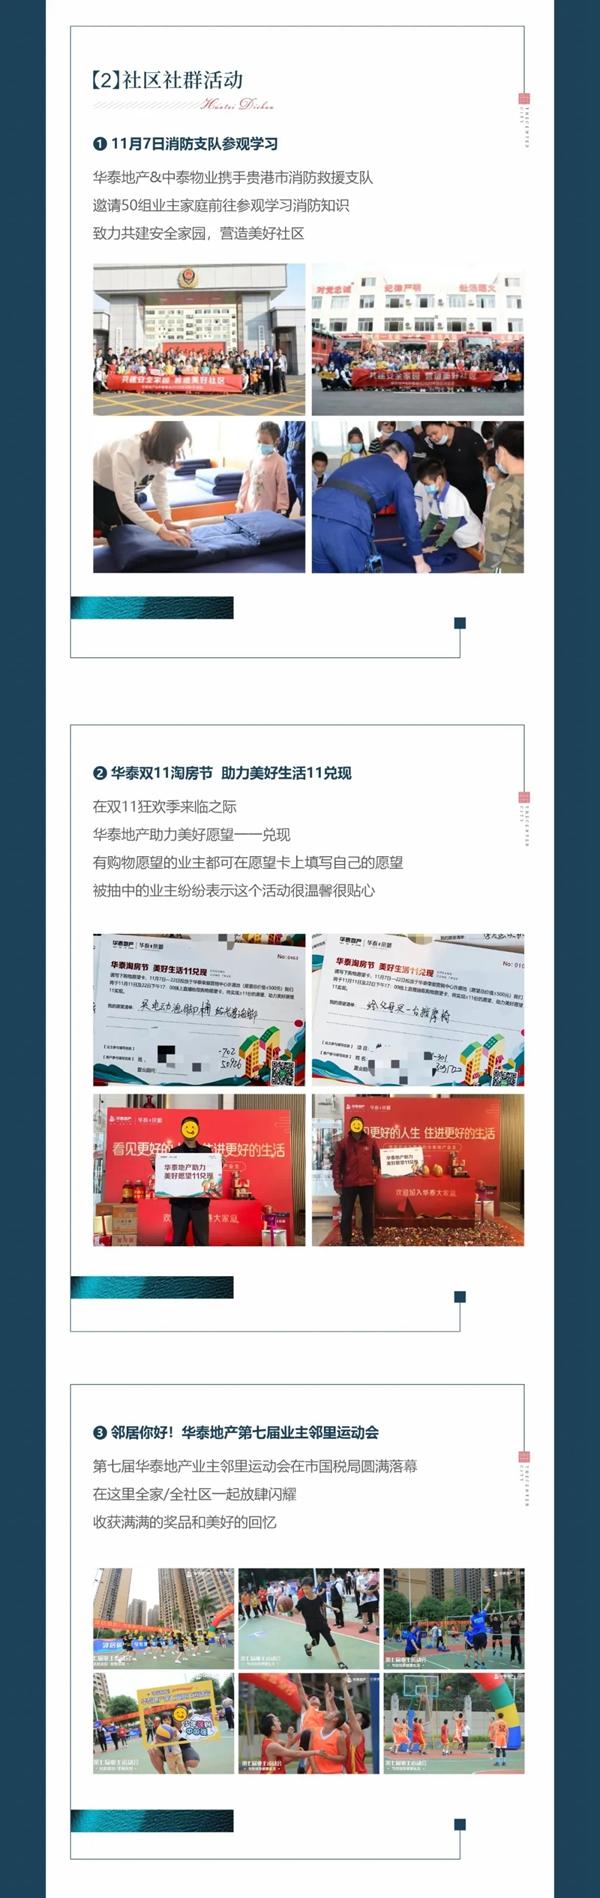 华泰荣御图文宣传